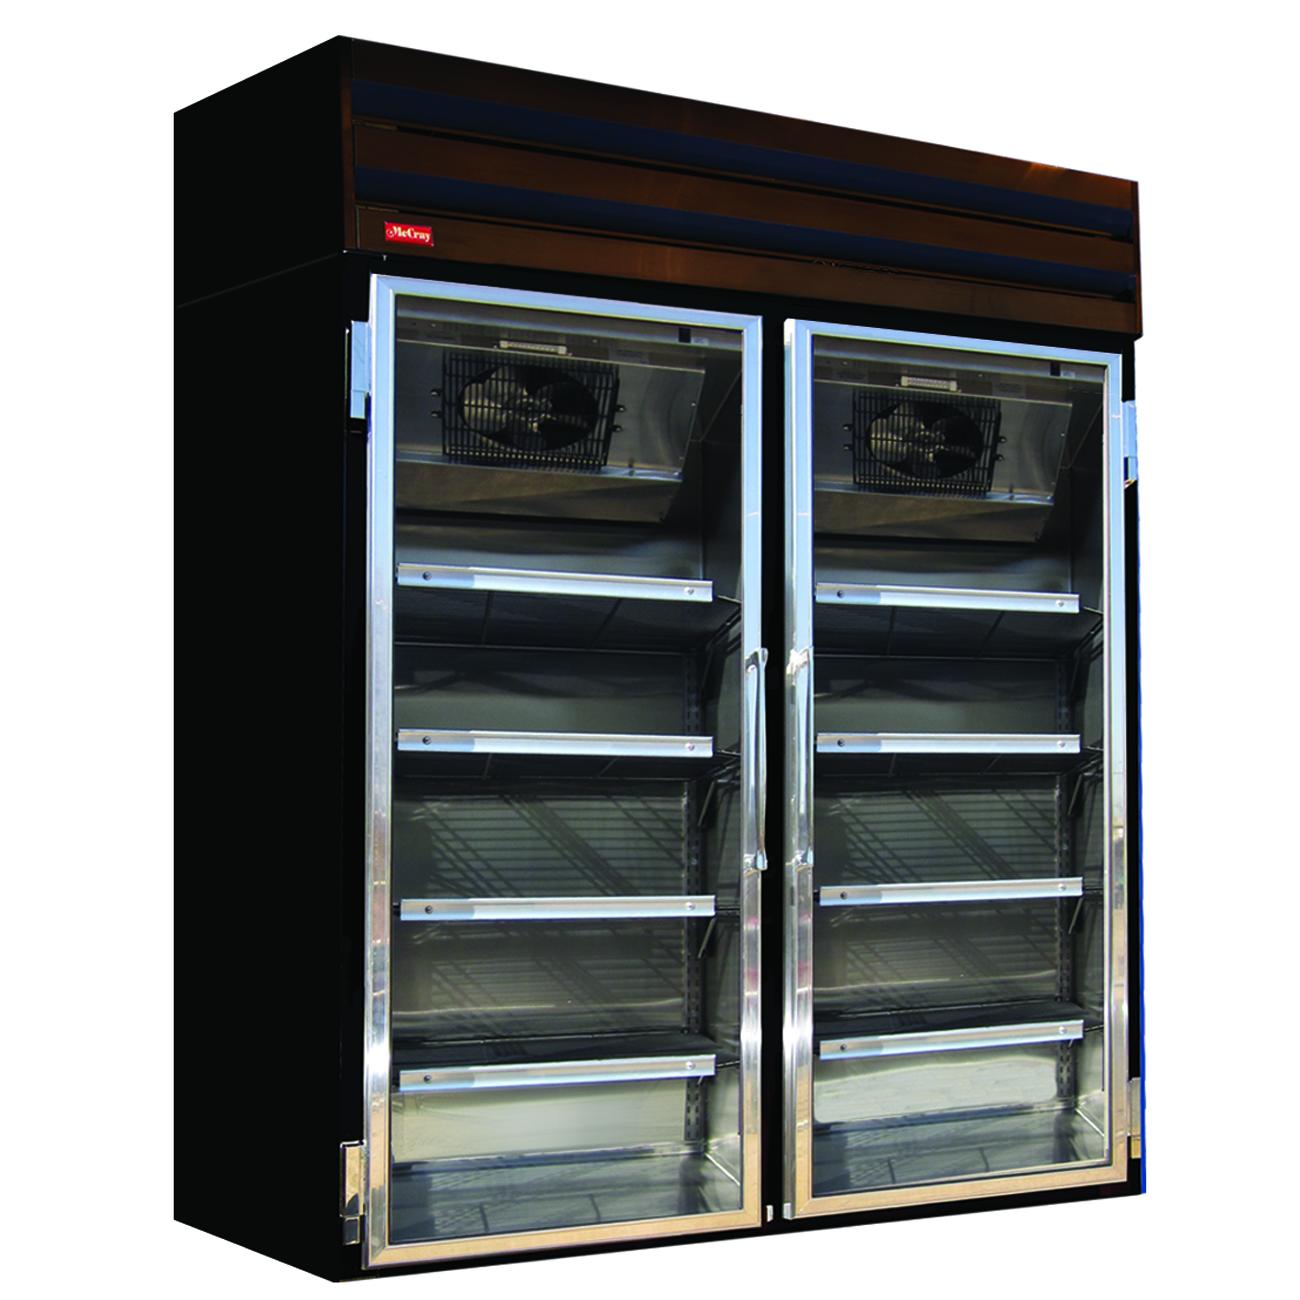 Howard-McCray GF48-LT-B freezer, merchandiser